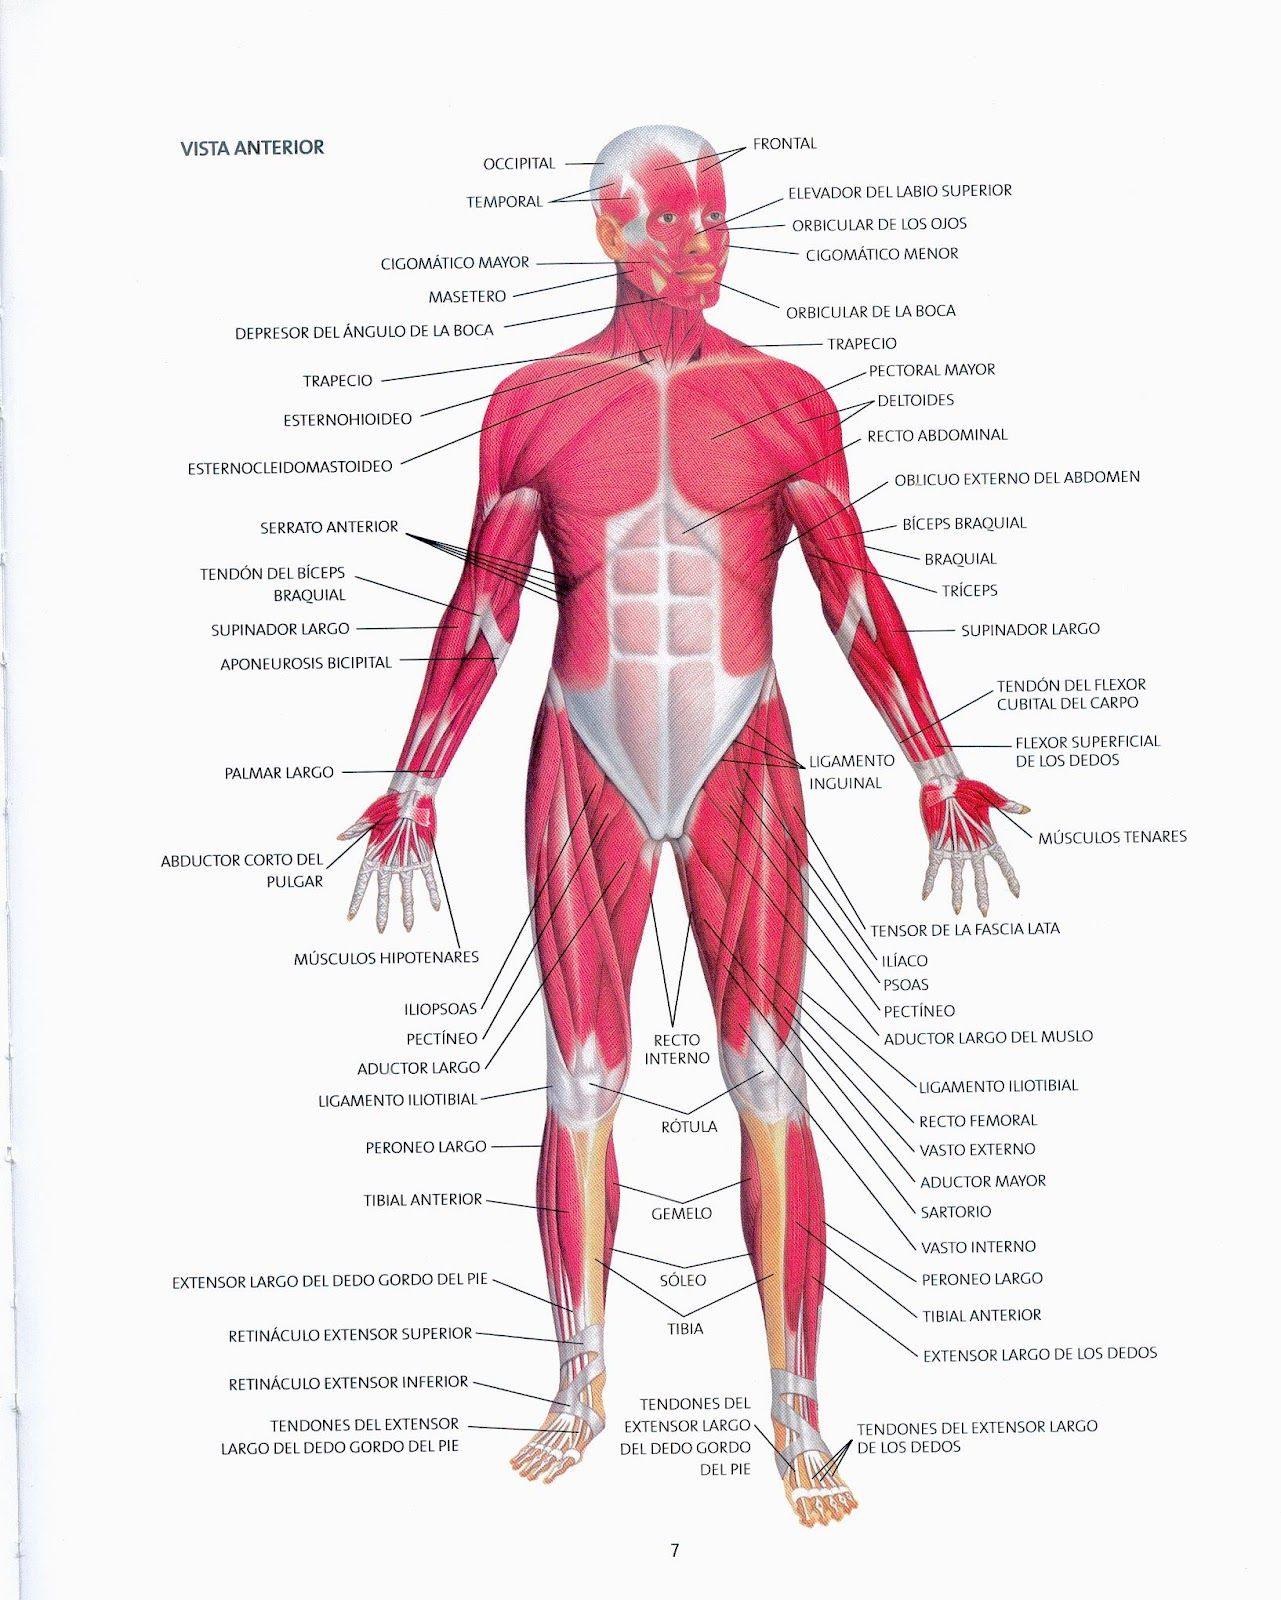 Imagenes De Los Musculos Mas Importantes Del Cuerpo Humano